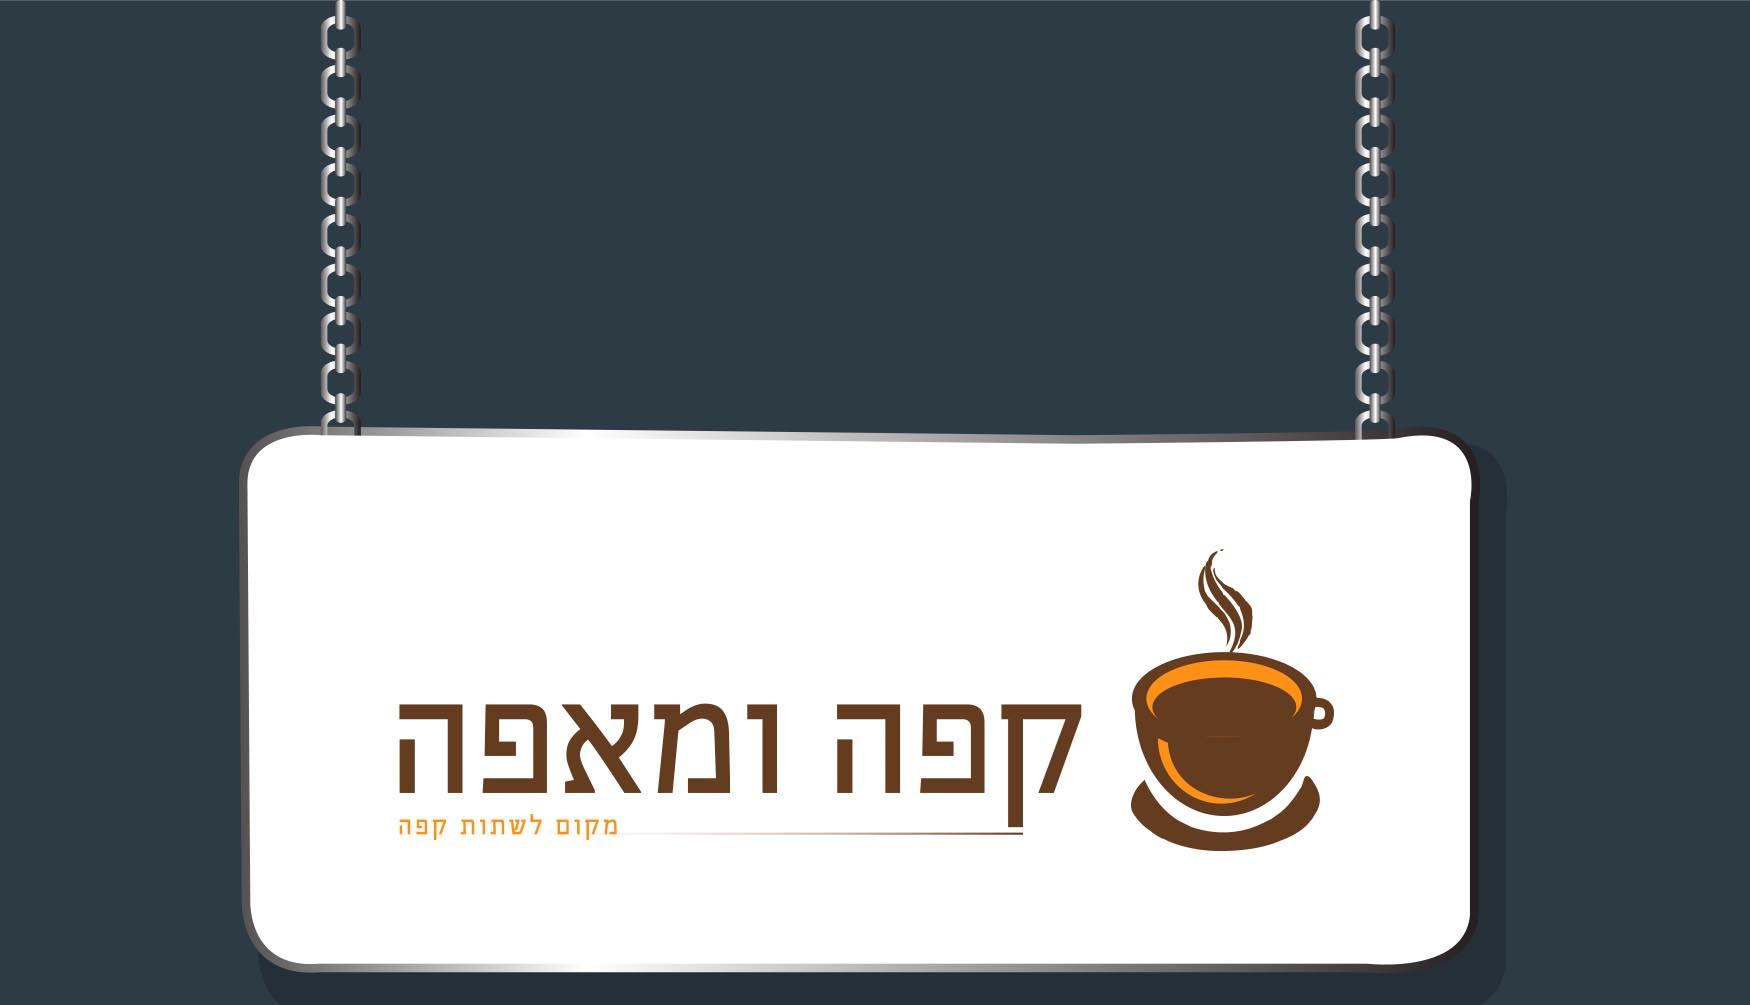 עיצוב גרפי של ביצוע לוגו ומחיר